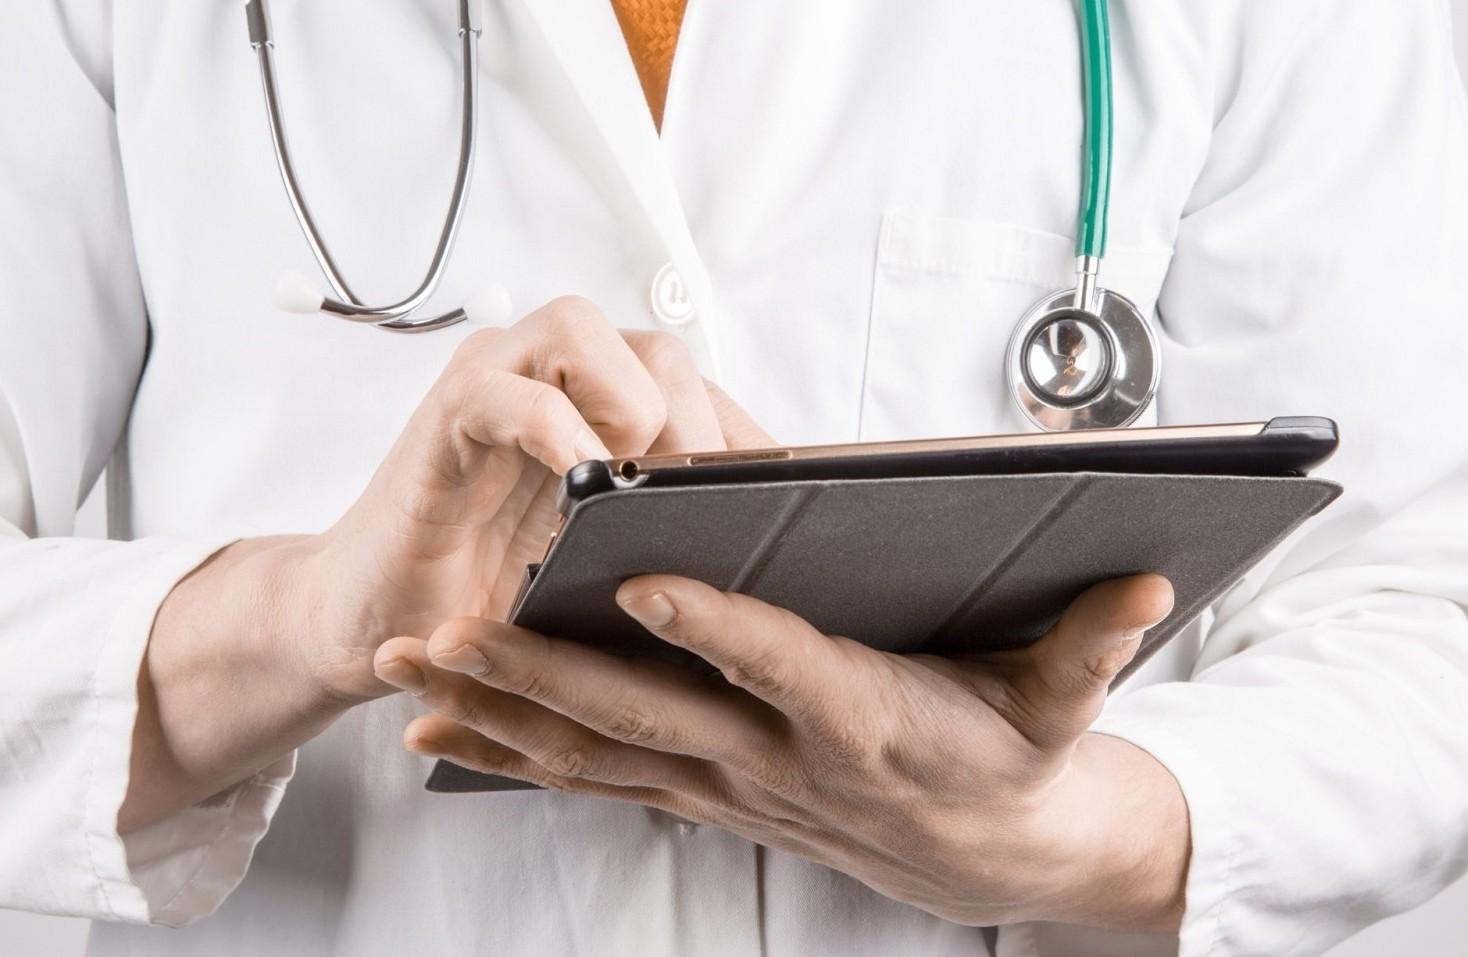 Malattia liberi professionisti e autonomi, diritti e indennità INPS. Regole aggiornate